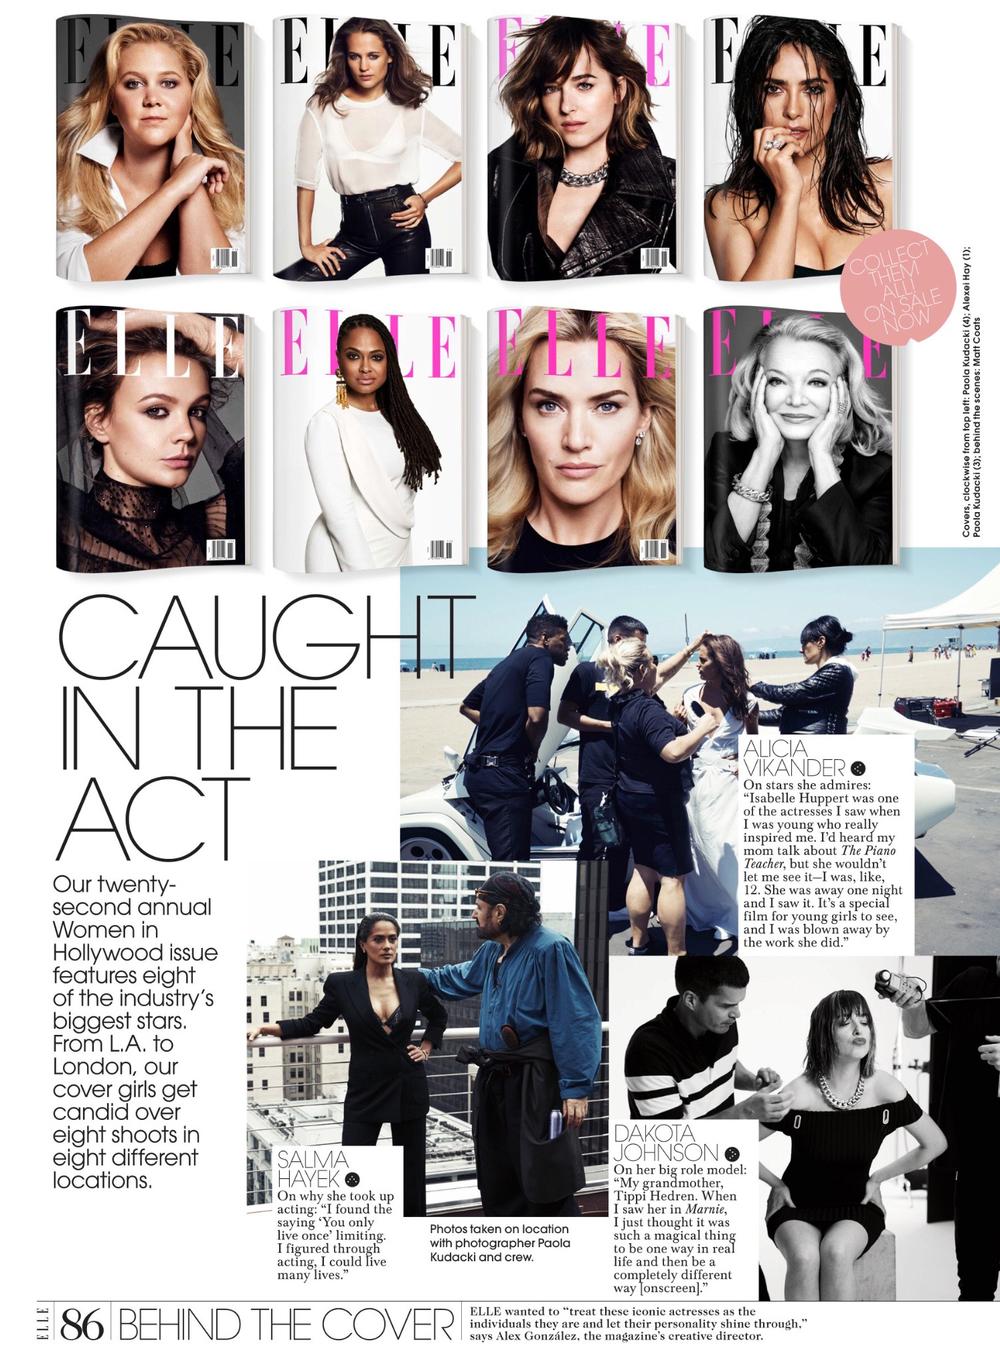 Elle Women in Hollywood - Behind the Scenes